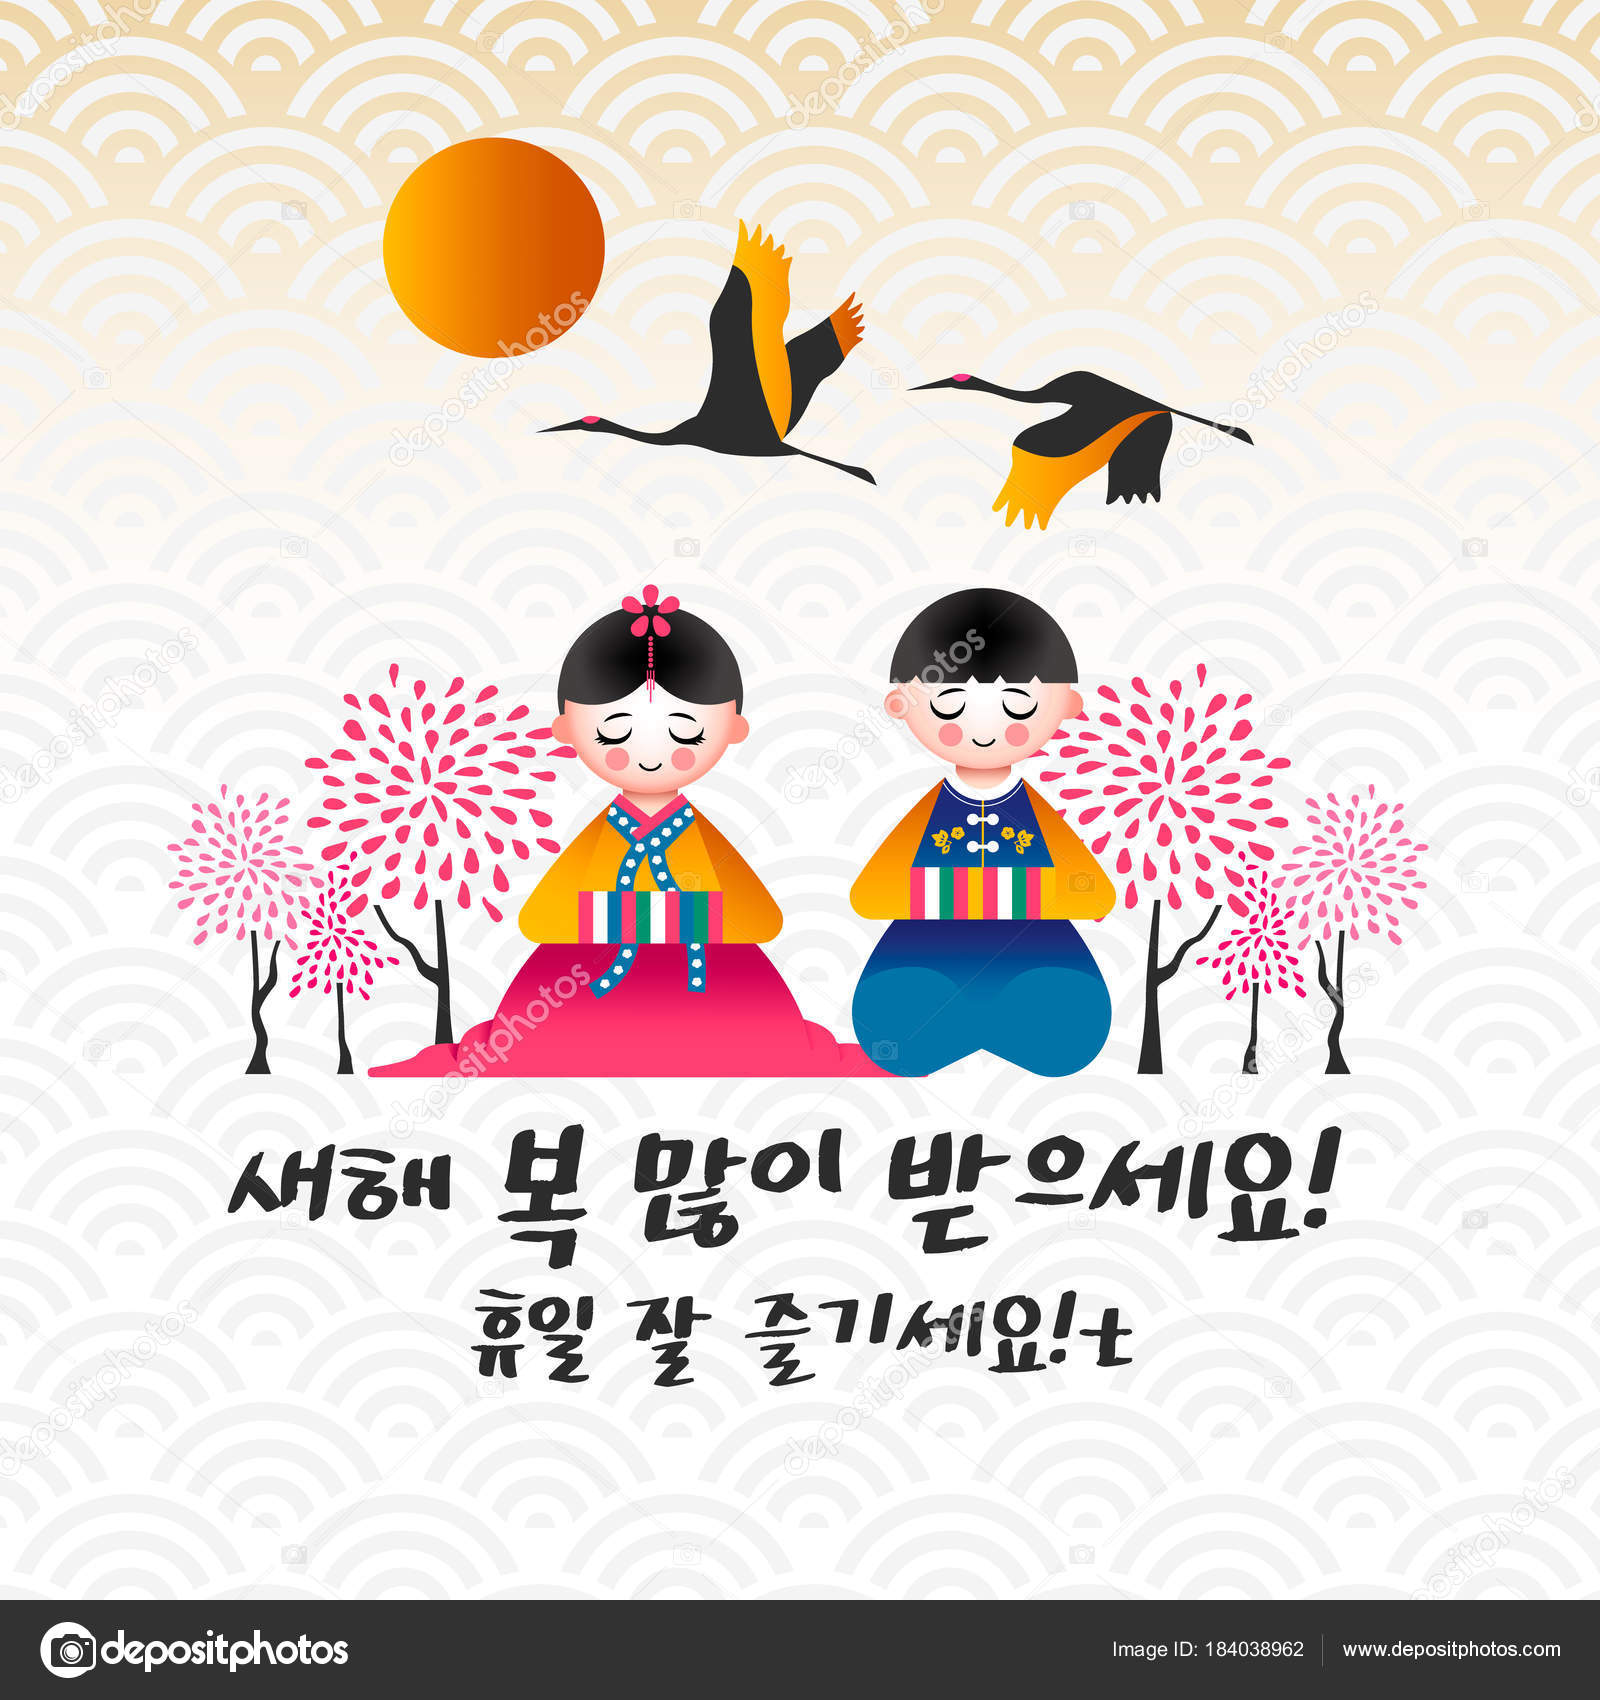 Cute Children Wishing Happy Korean New Year 2018 U2014 Stock Vector